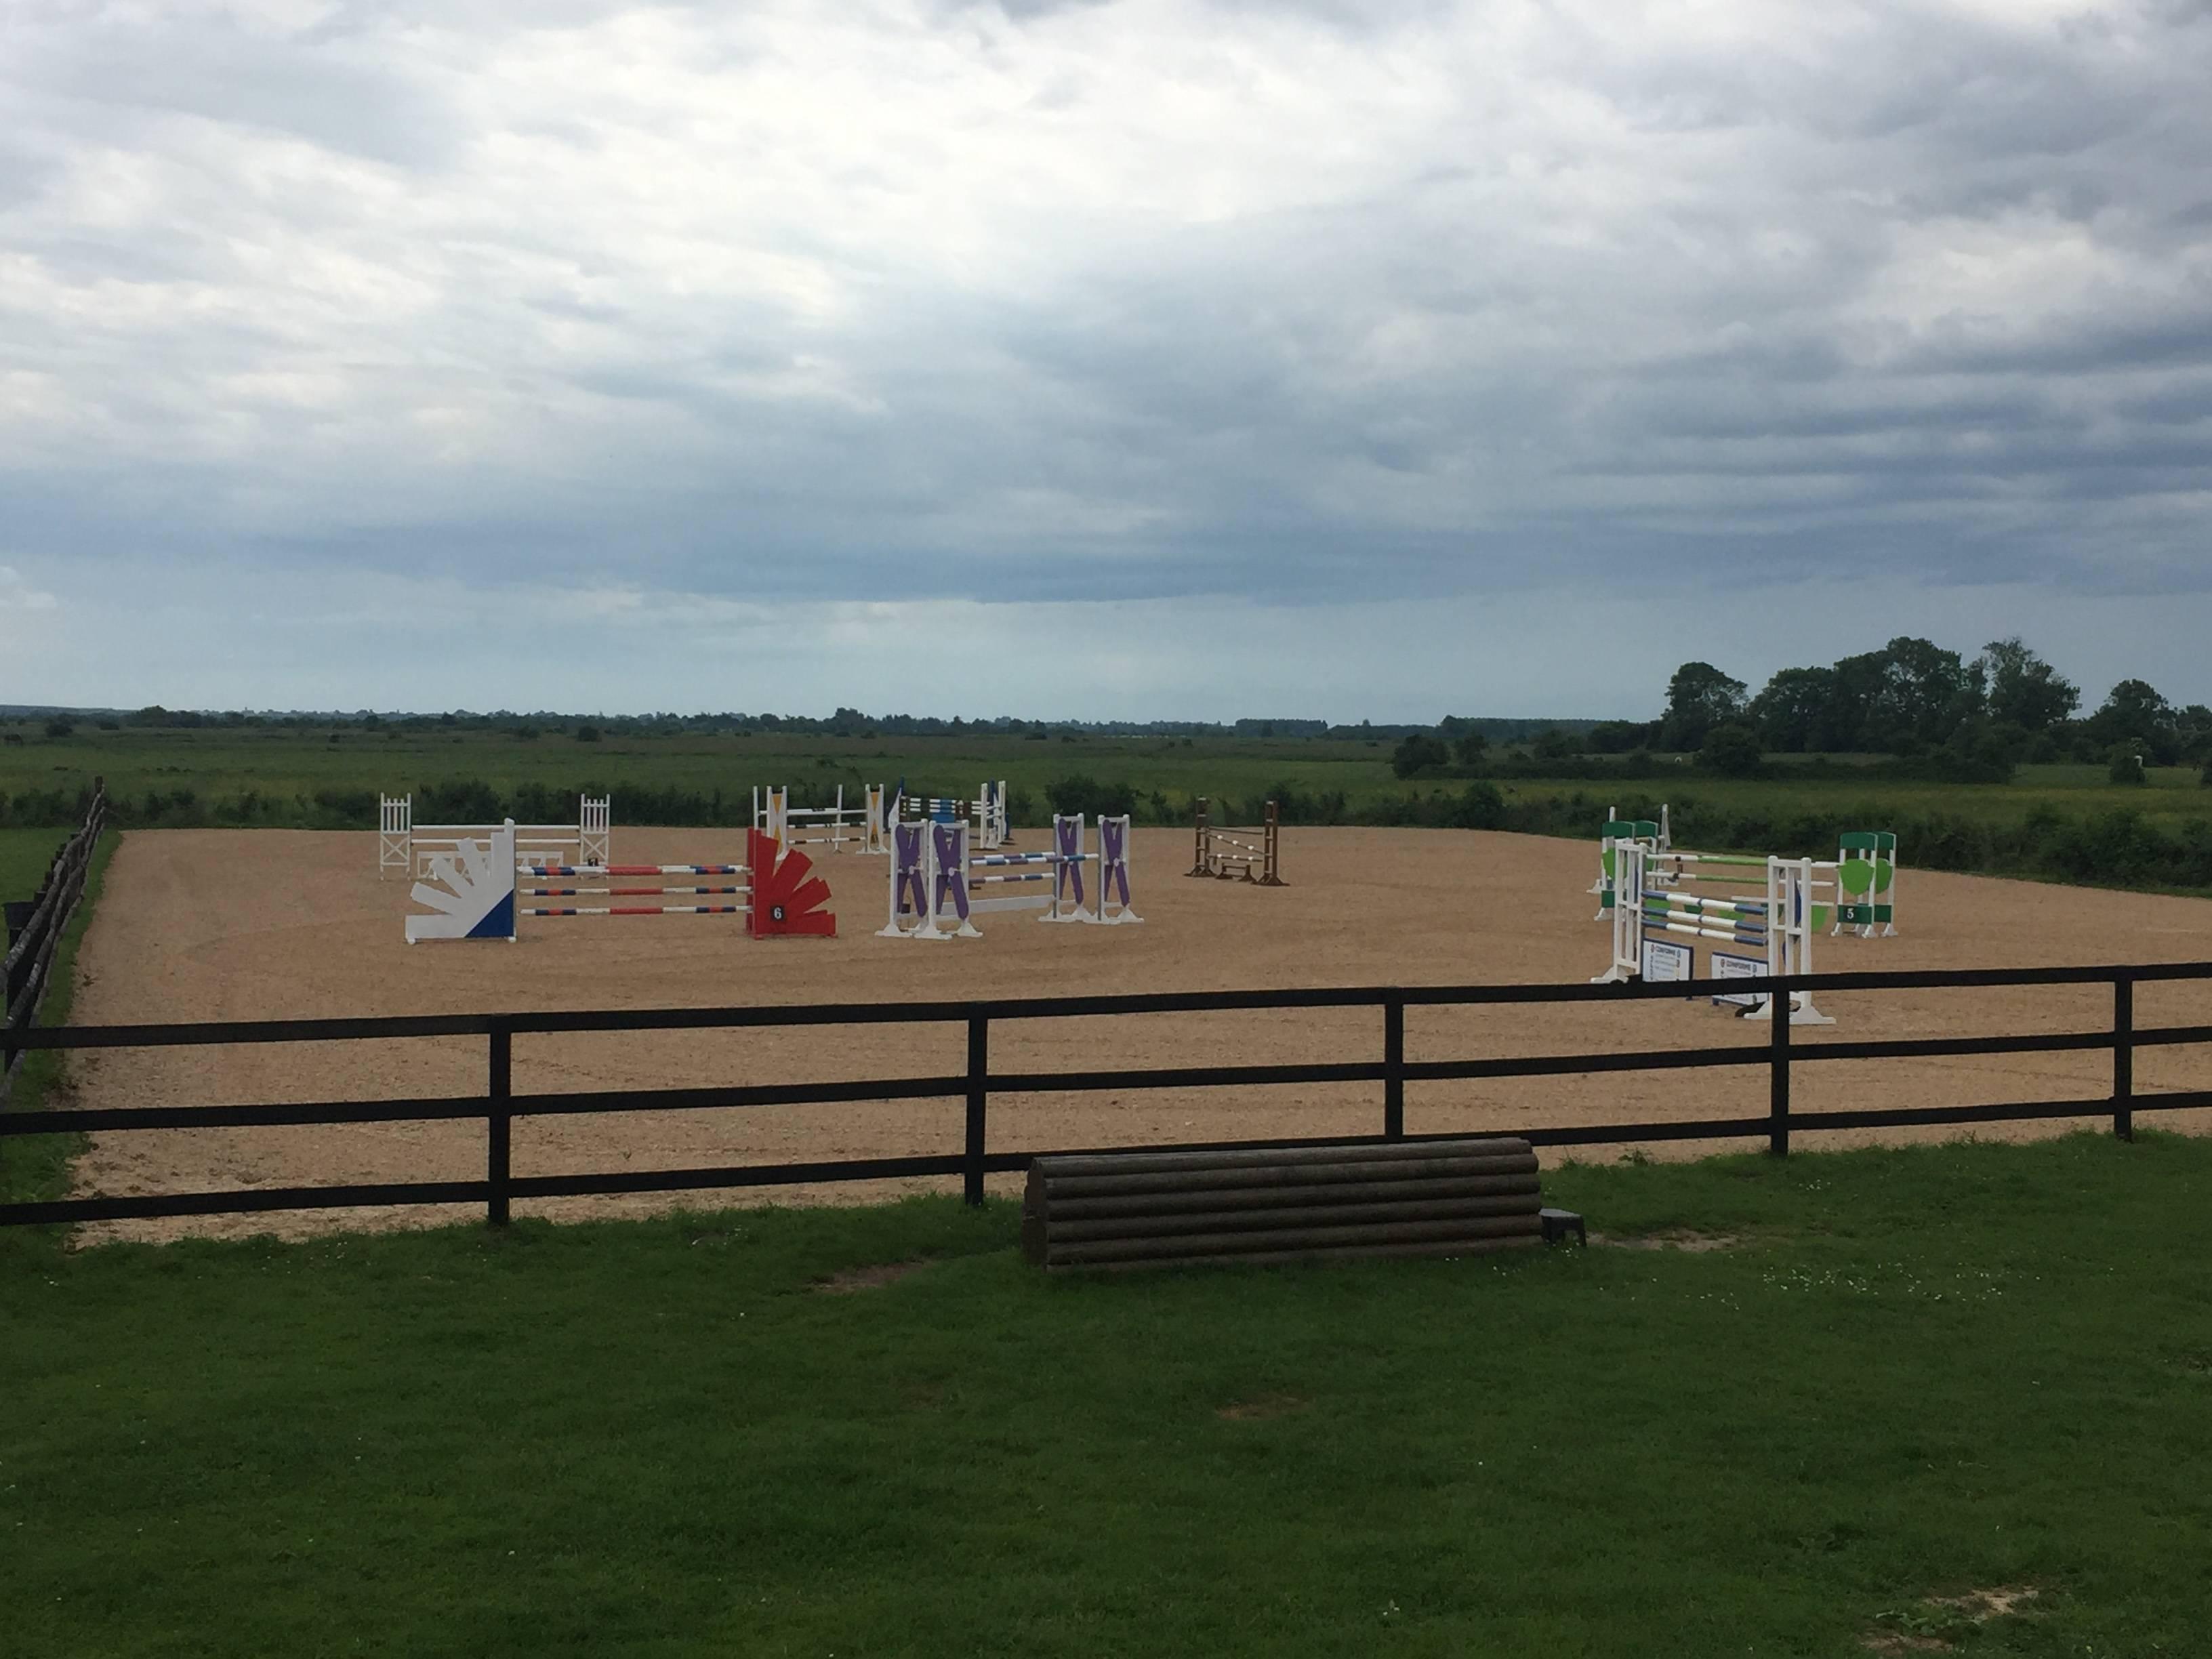 Carrière de compétition Pole equestre Cabourg